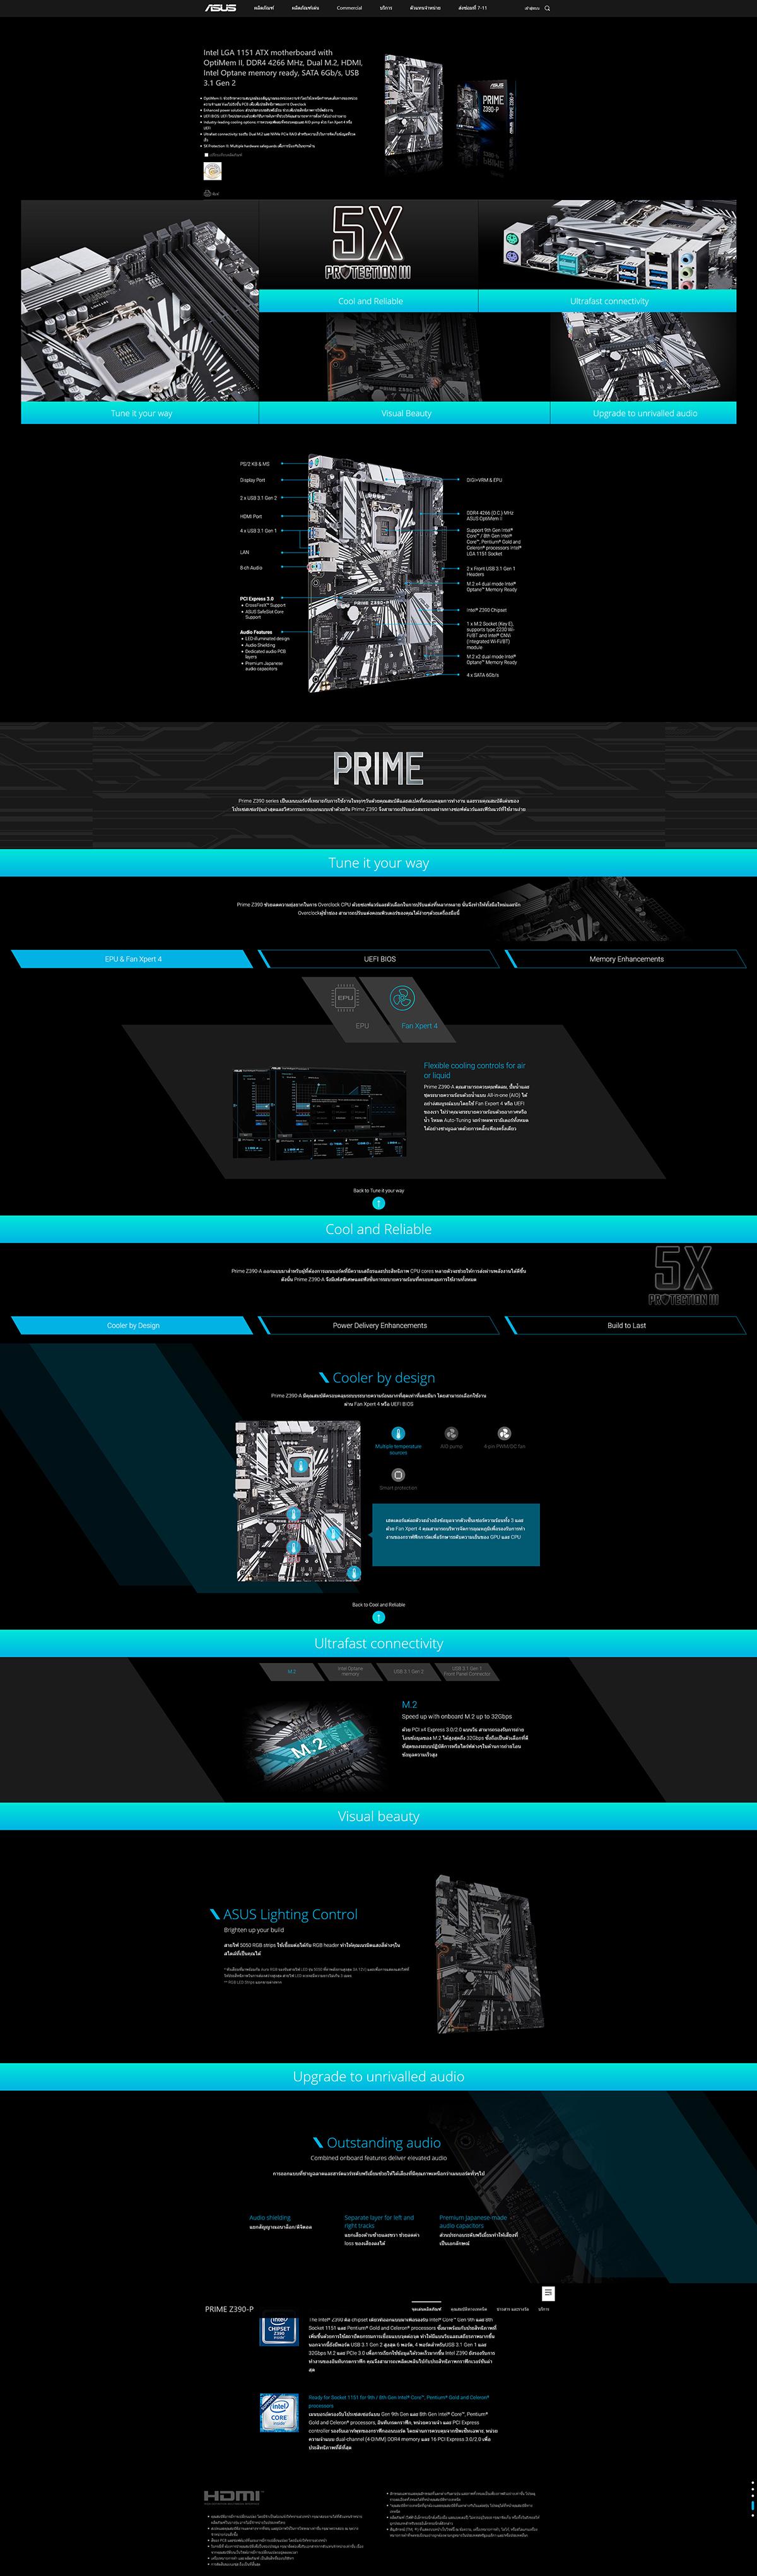 screenshot_2019-05-11-prime-z390-p-e0b980e0b8a1e0b899e0b89ae0b8ade0b8a3e0b98ce0b894-asus-e0b89be0b8a3e0b8b0e0b980e0b897e0b8a8e0b984e0b897e0b8a2